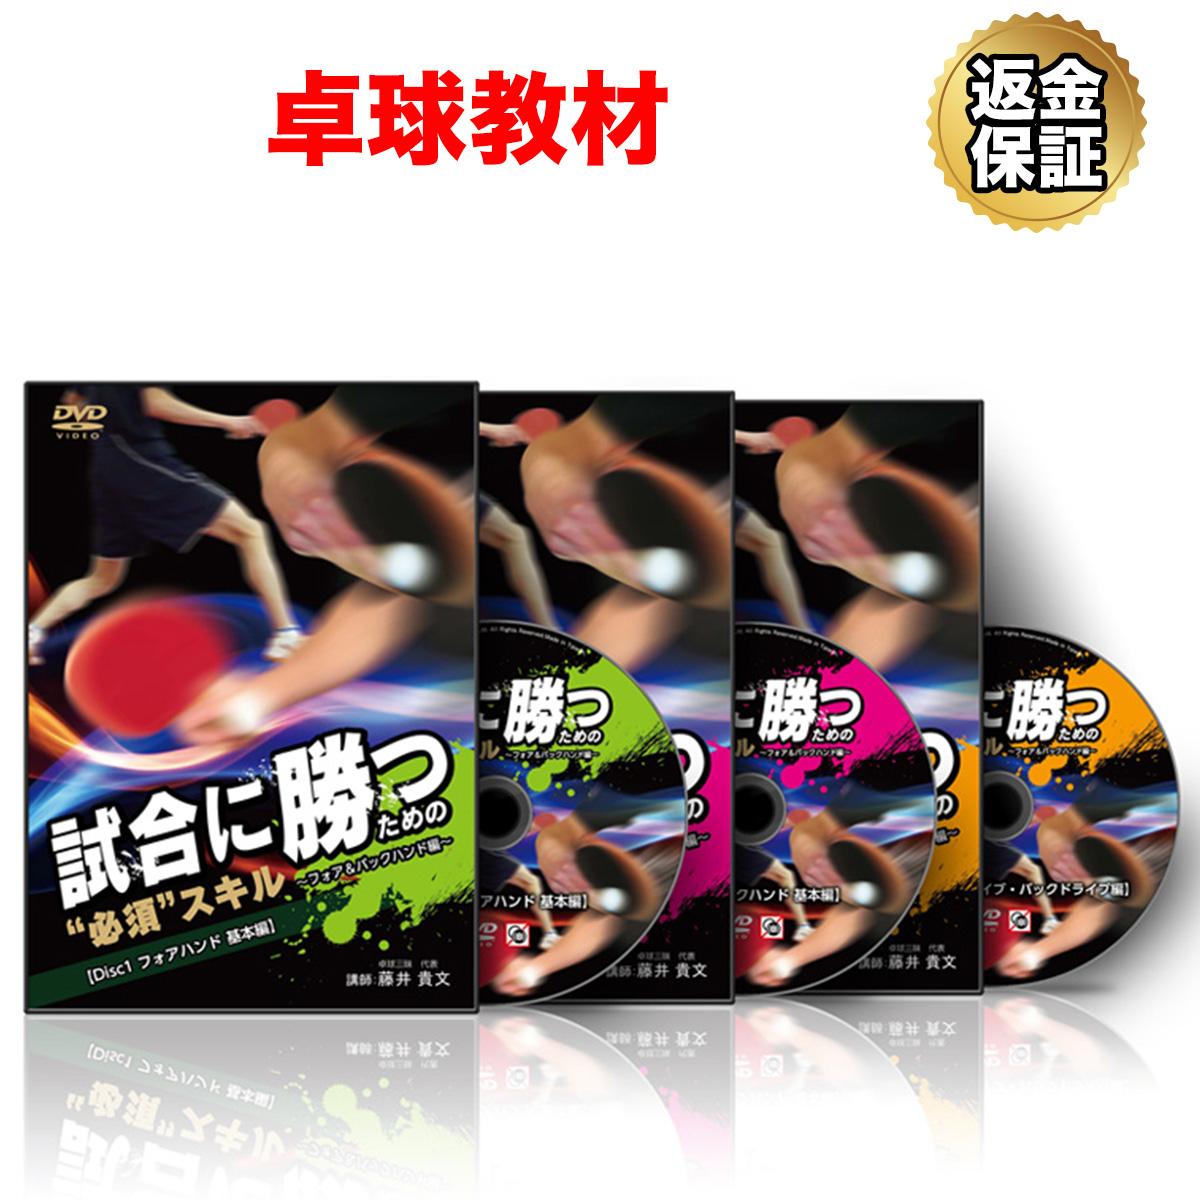 【卓球】試合に勝つための必須スキル~フォア&バックハンド編~ フルセット